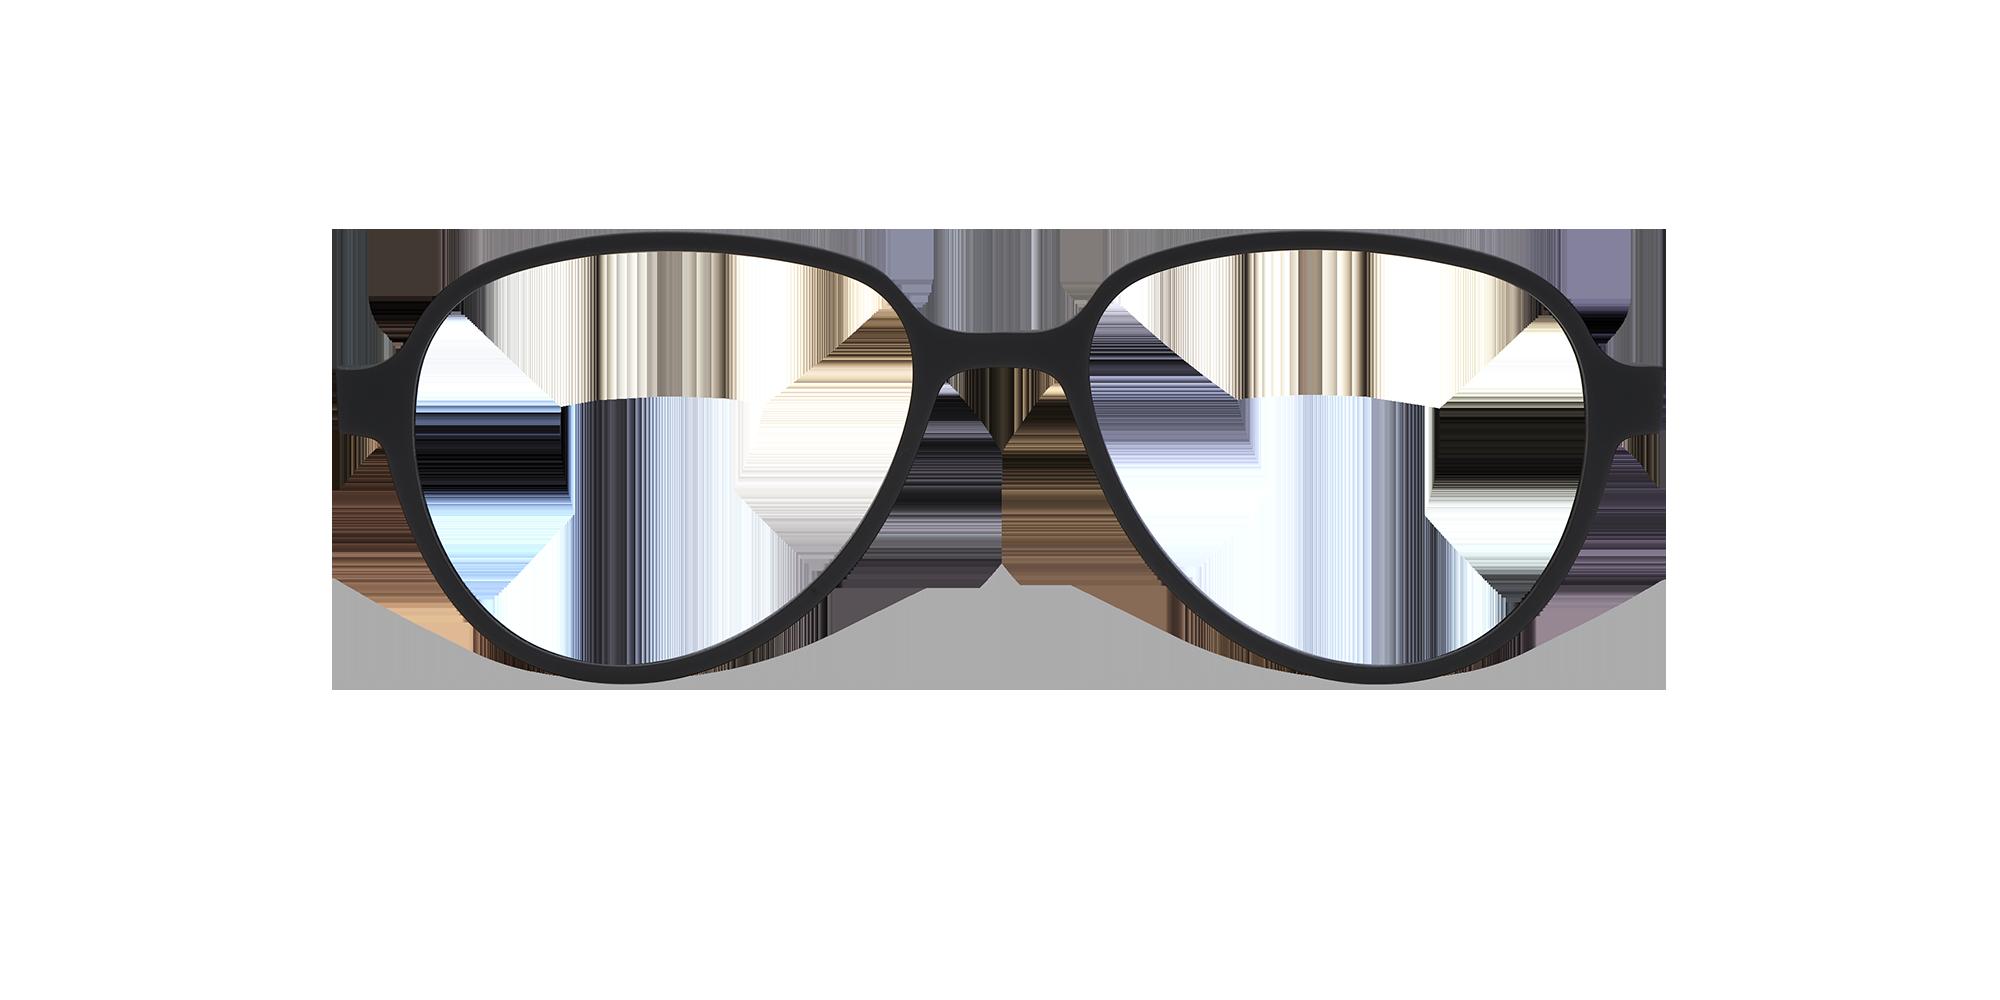 afflelou/france/products/smart_clip/clips_glasses/TMK43NVBK015417.png